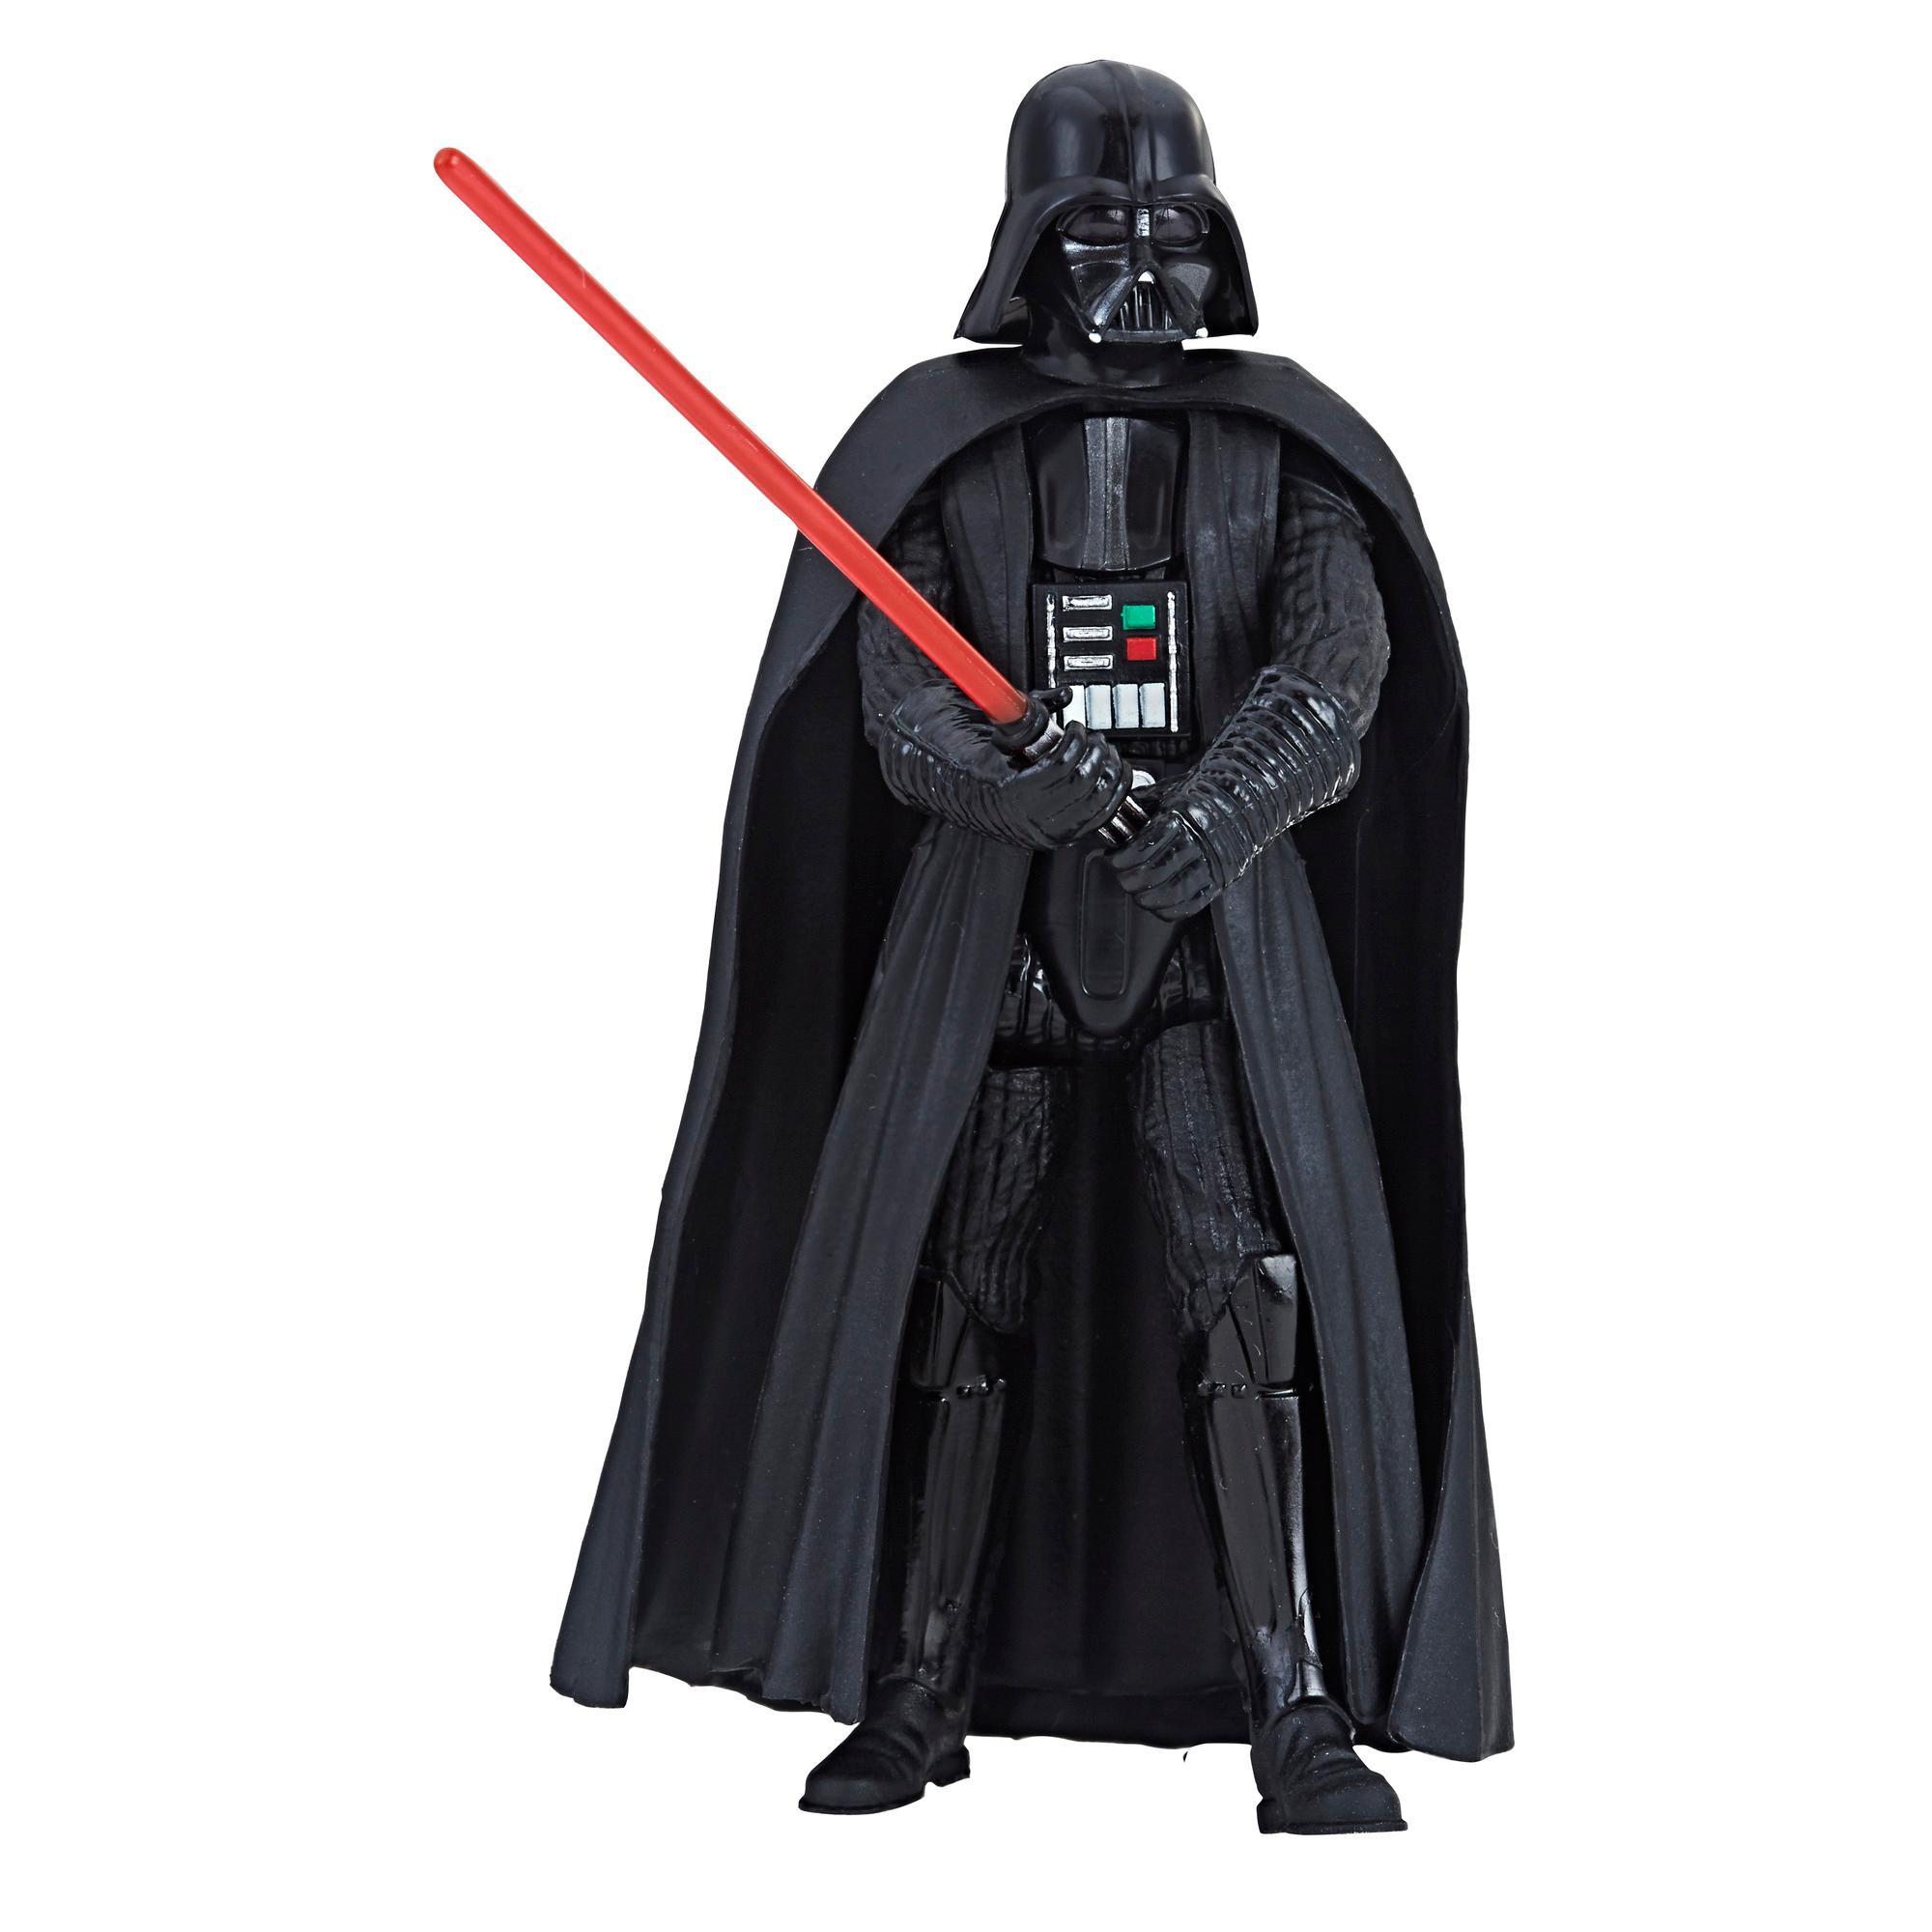 Star Wars Force Link 2.0 Darth Vader Figure